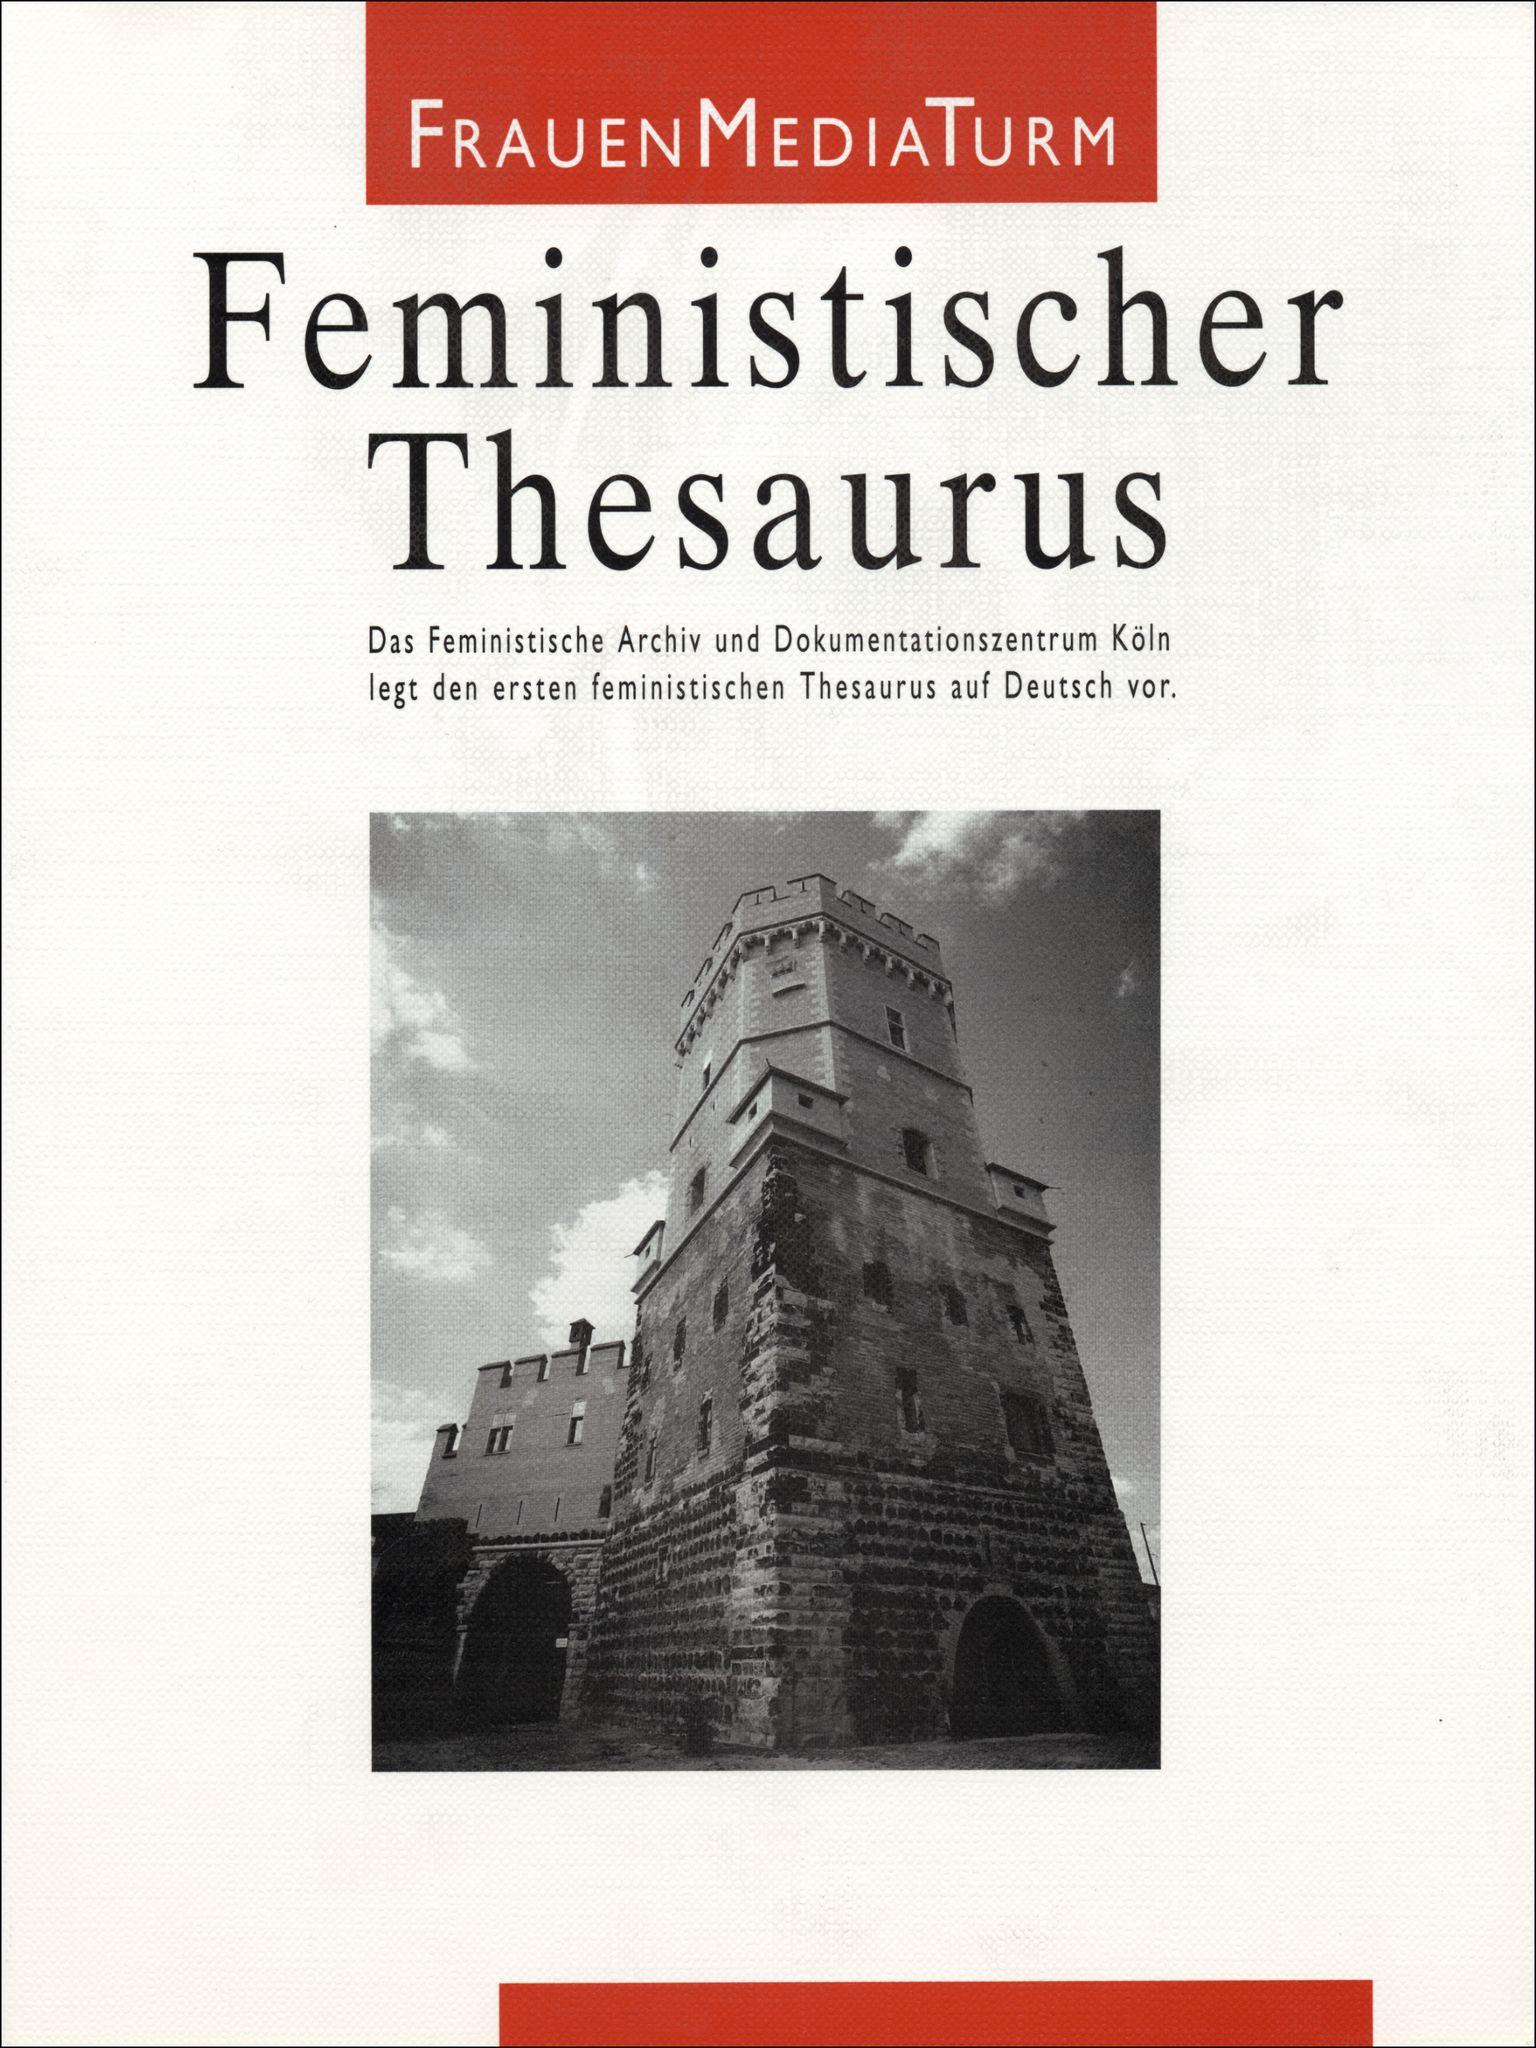 Scheu, Ursula/Schwarzer, Alice (Hrsg.): Feministischer Thesaurus. Köln, FrauenMediaTurm, 1994.